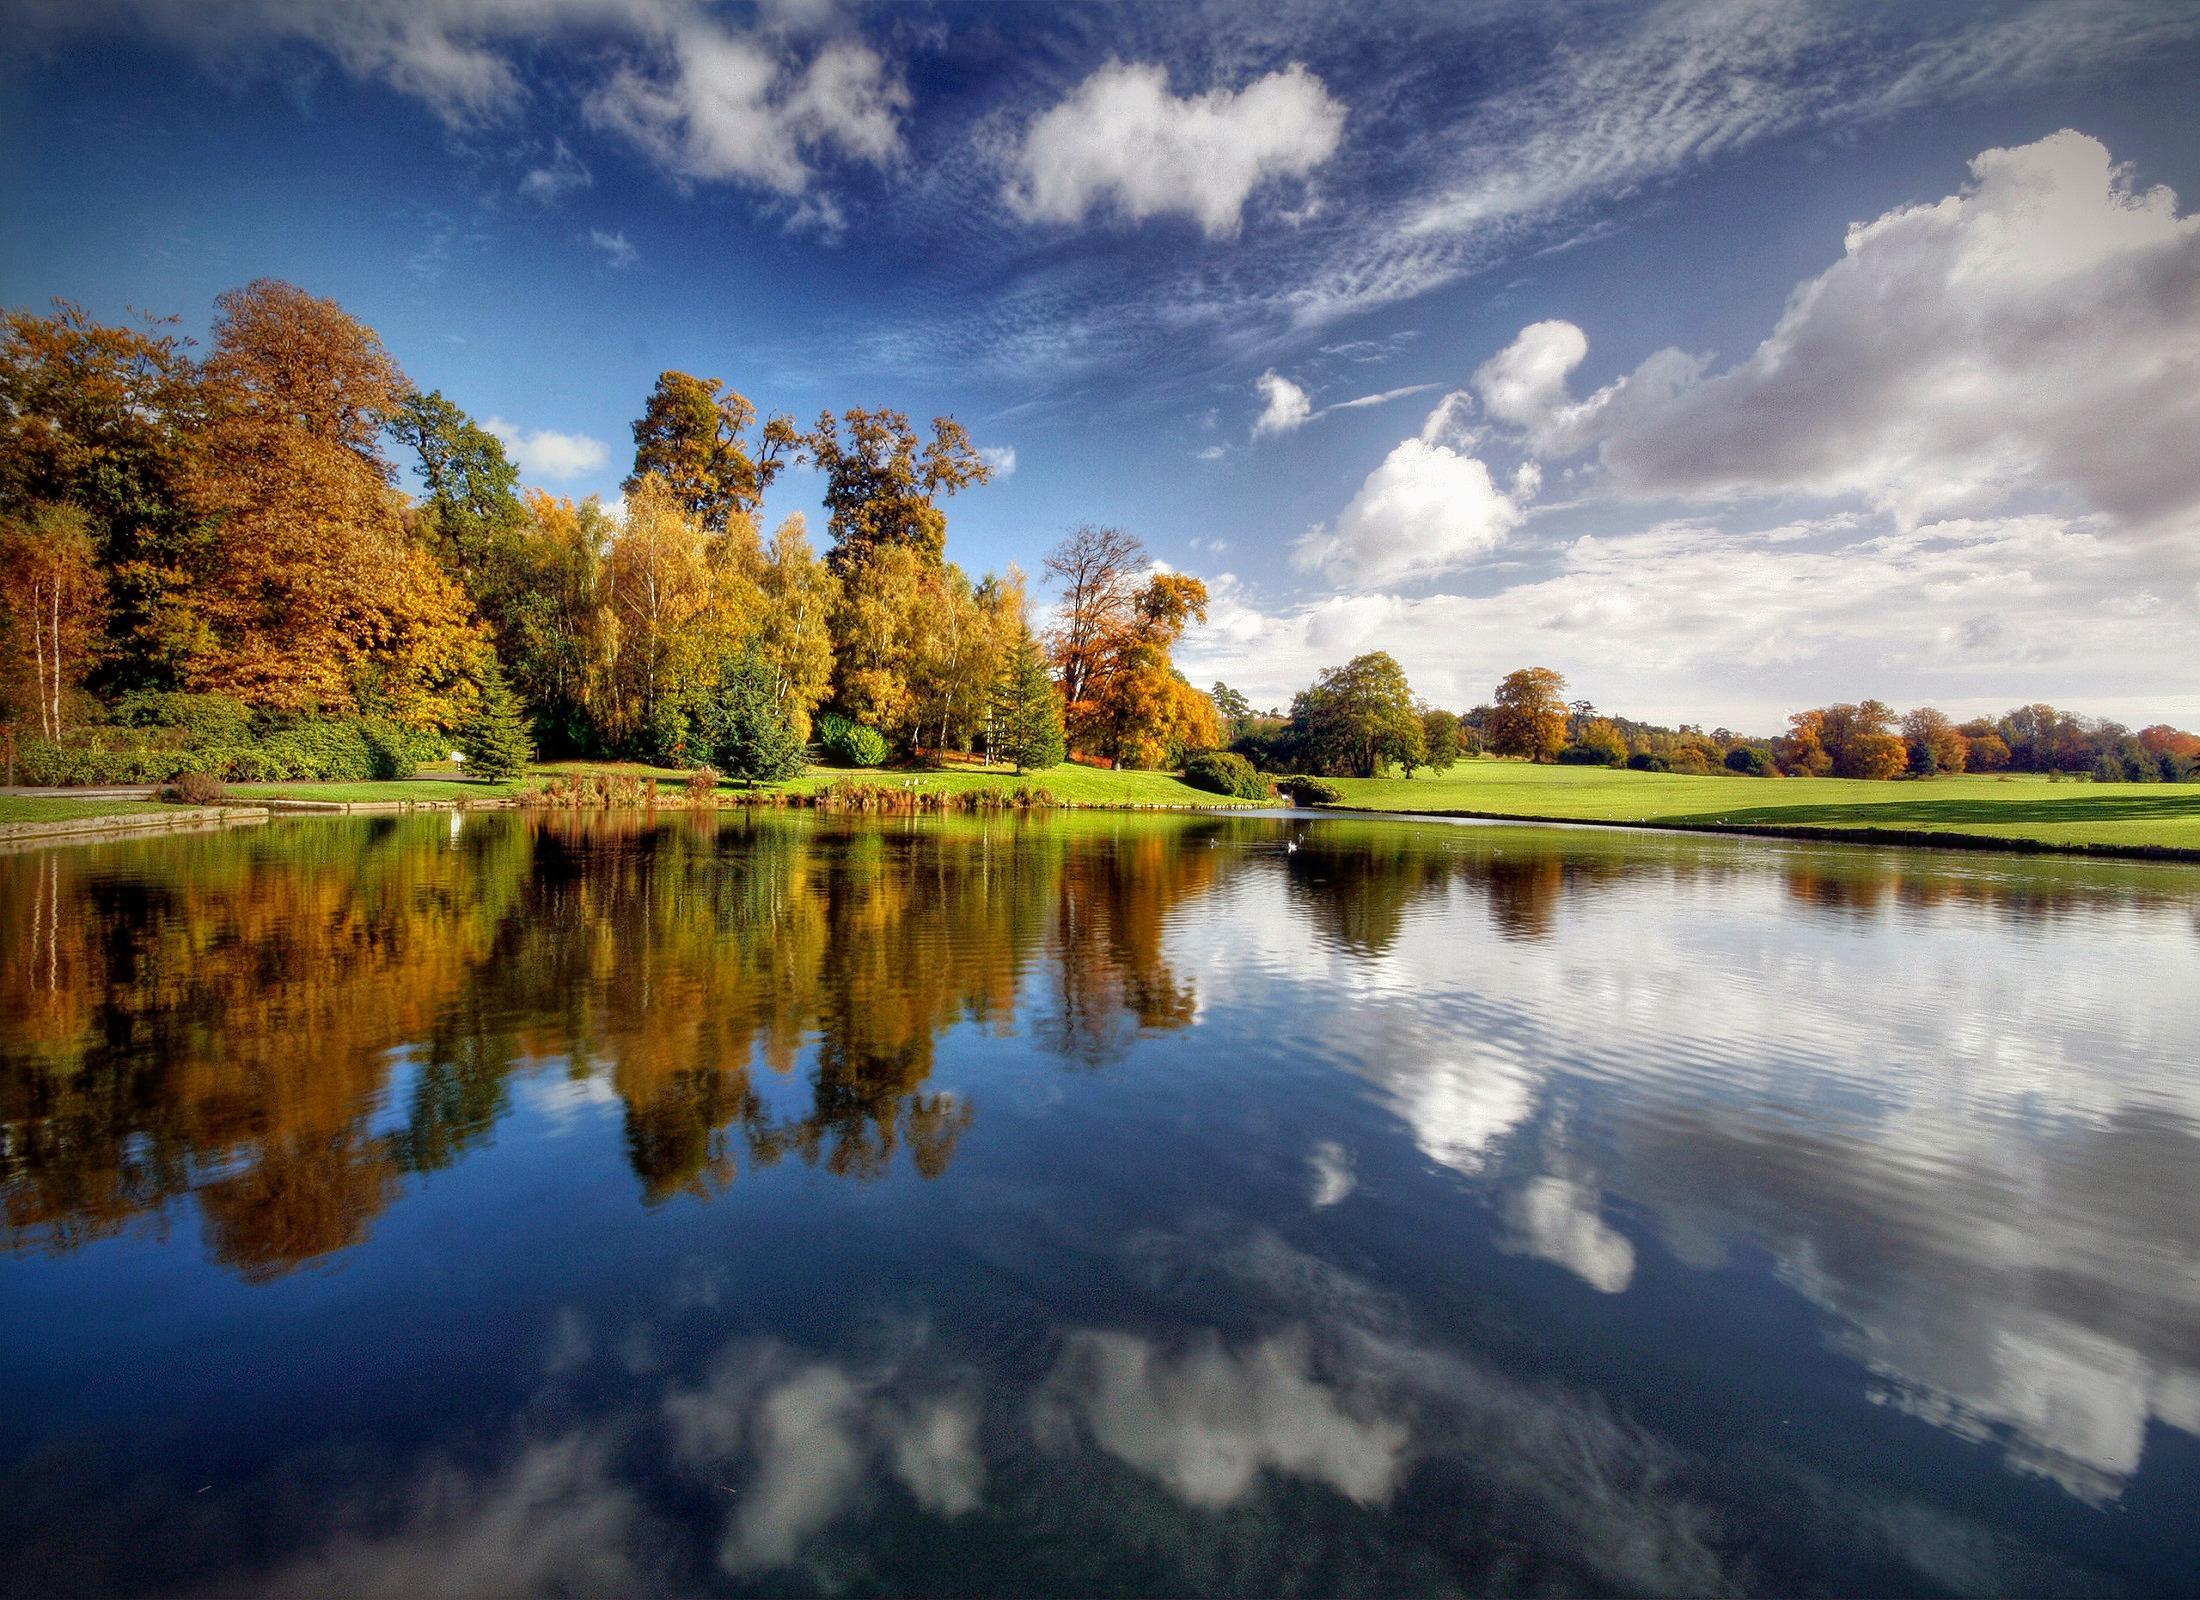 1586298790_zdal-lake-mcleod-ganj-1.jpg